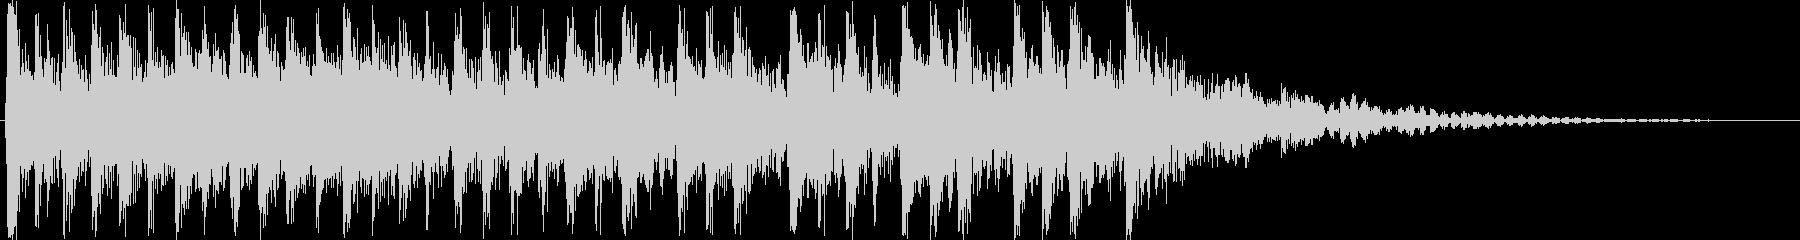 和楽器のアップテンポジングルの未再生の波形